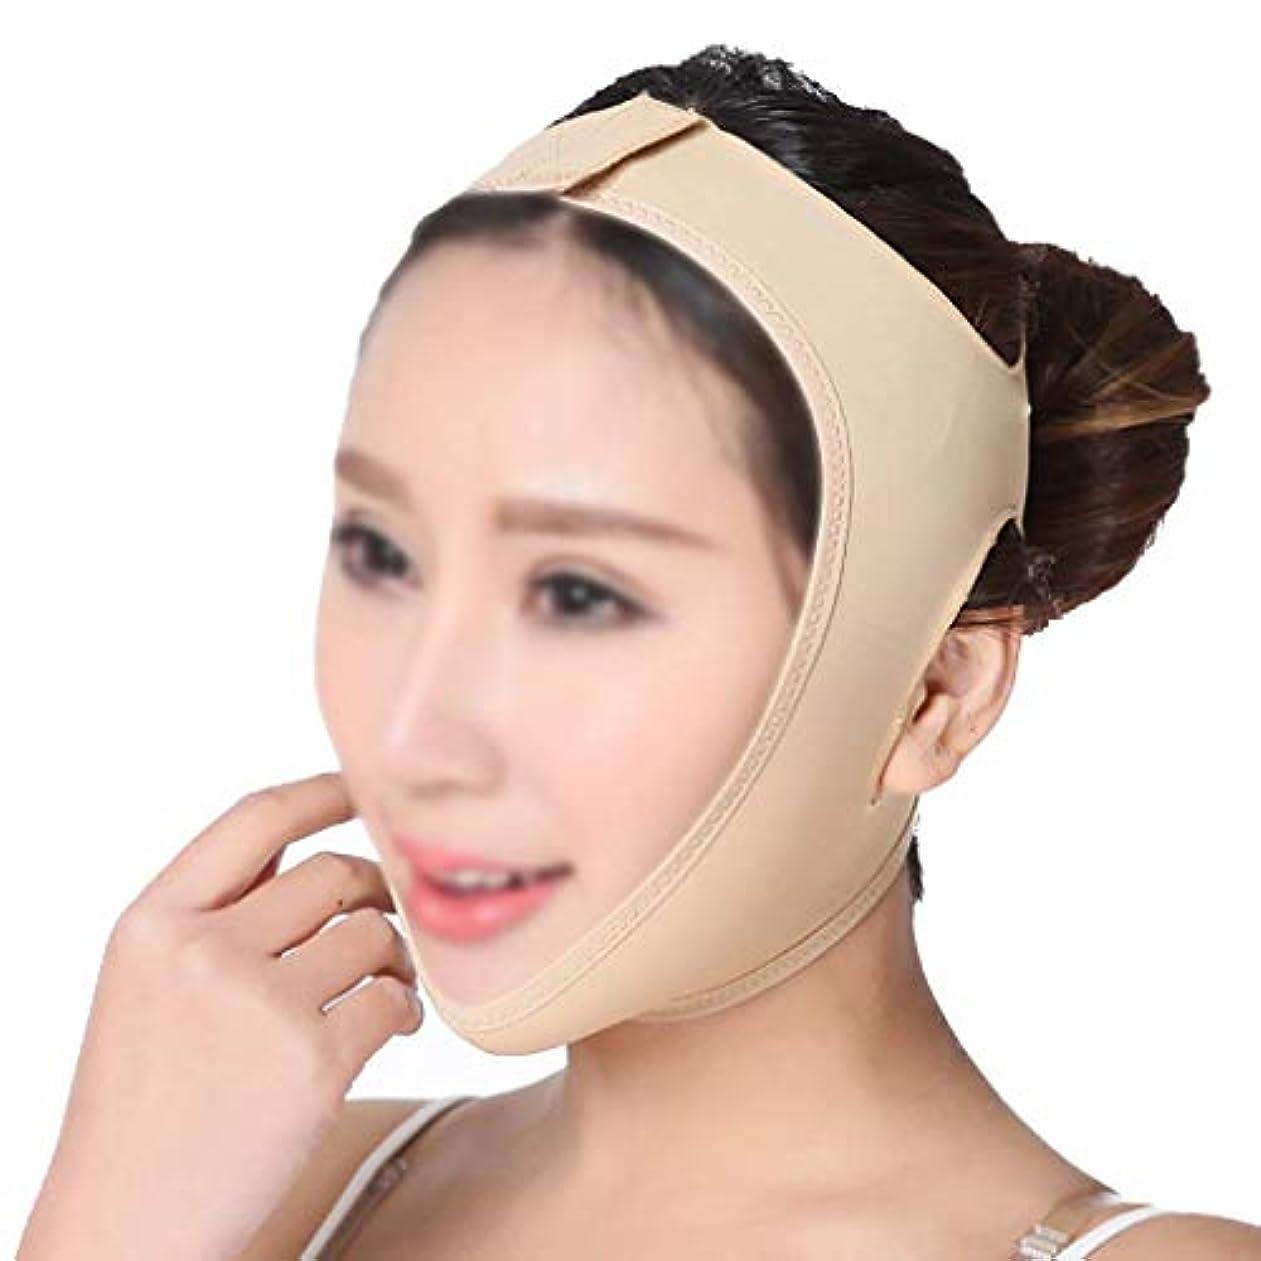 お世話になったメーター髄薄型フェイスバンデージフェイススリムダブル顎を取り除くVラインフェイスシェイプを作成チンチークリフトアップアンチリンクルリフティングベルトフェイスマッサージツール(サイズ:S),S